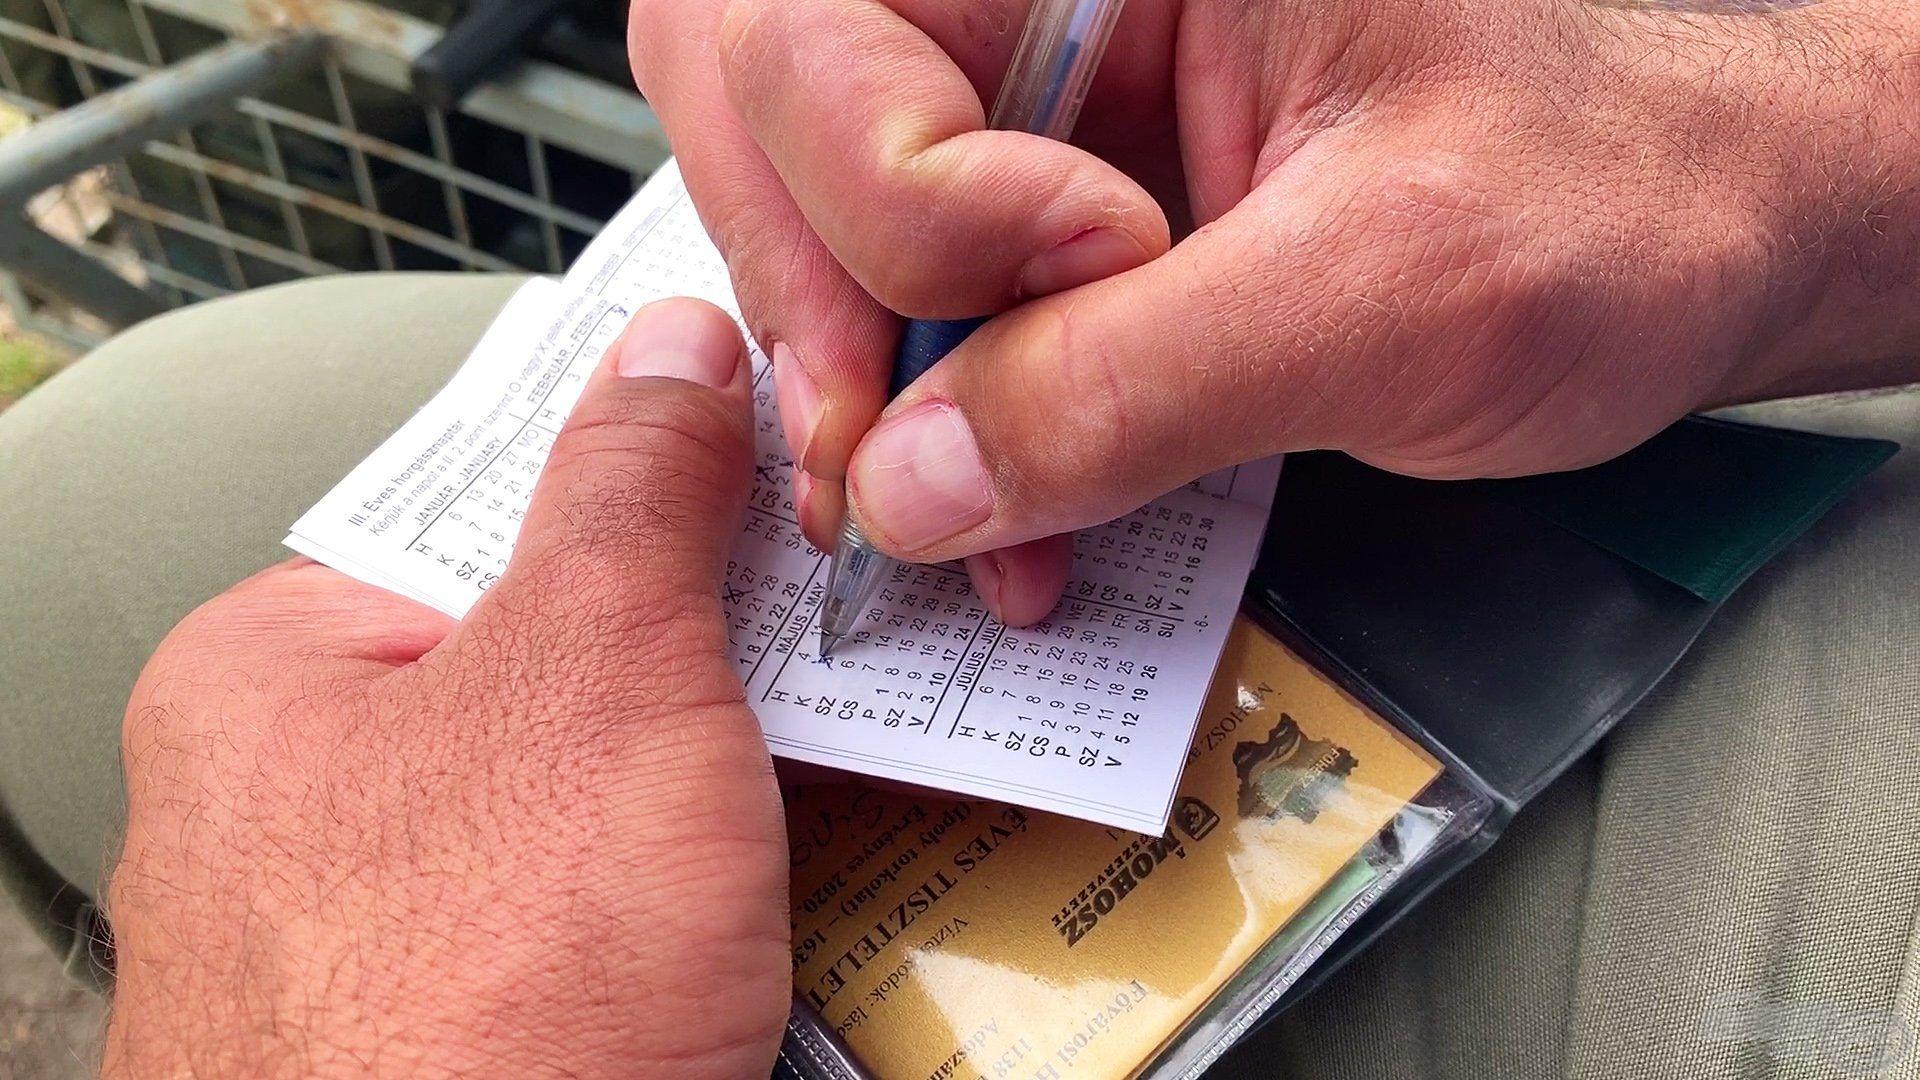 A horgászat megkezdése előtt a fogási naplóban mindenképp regisztrálni kell a horgászat dátumát